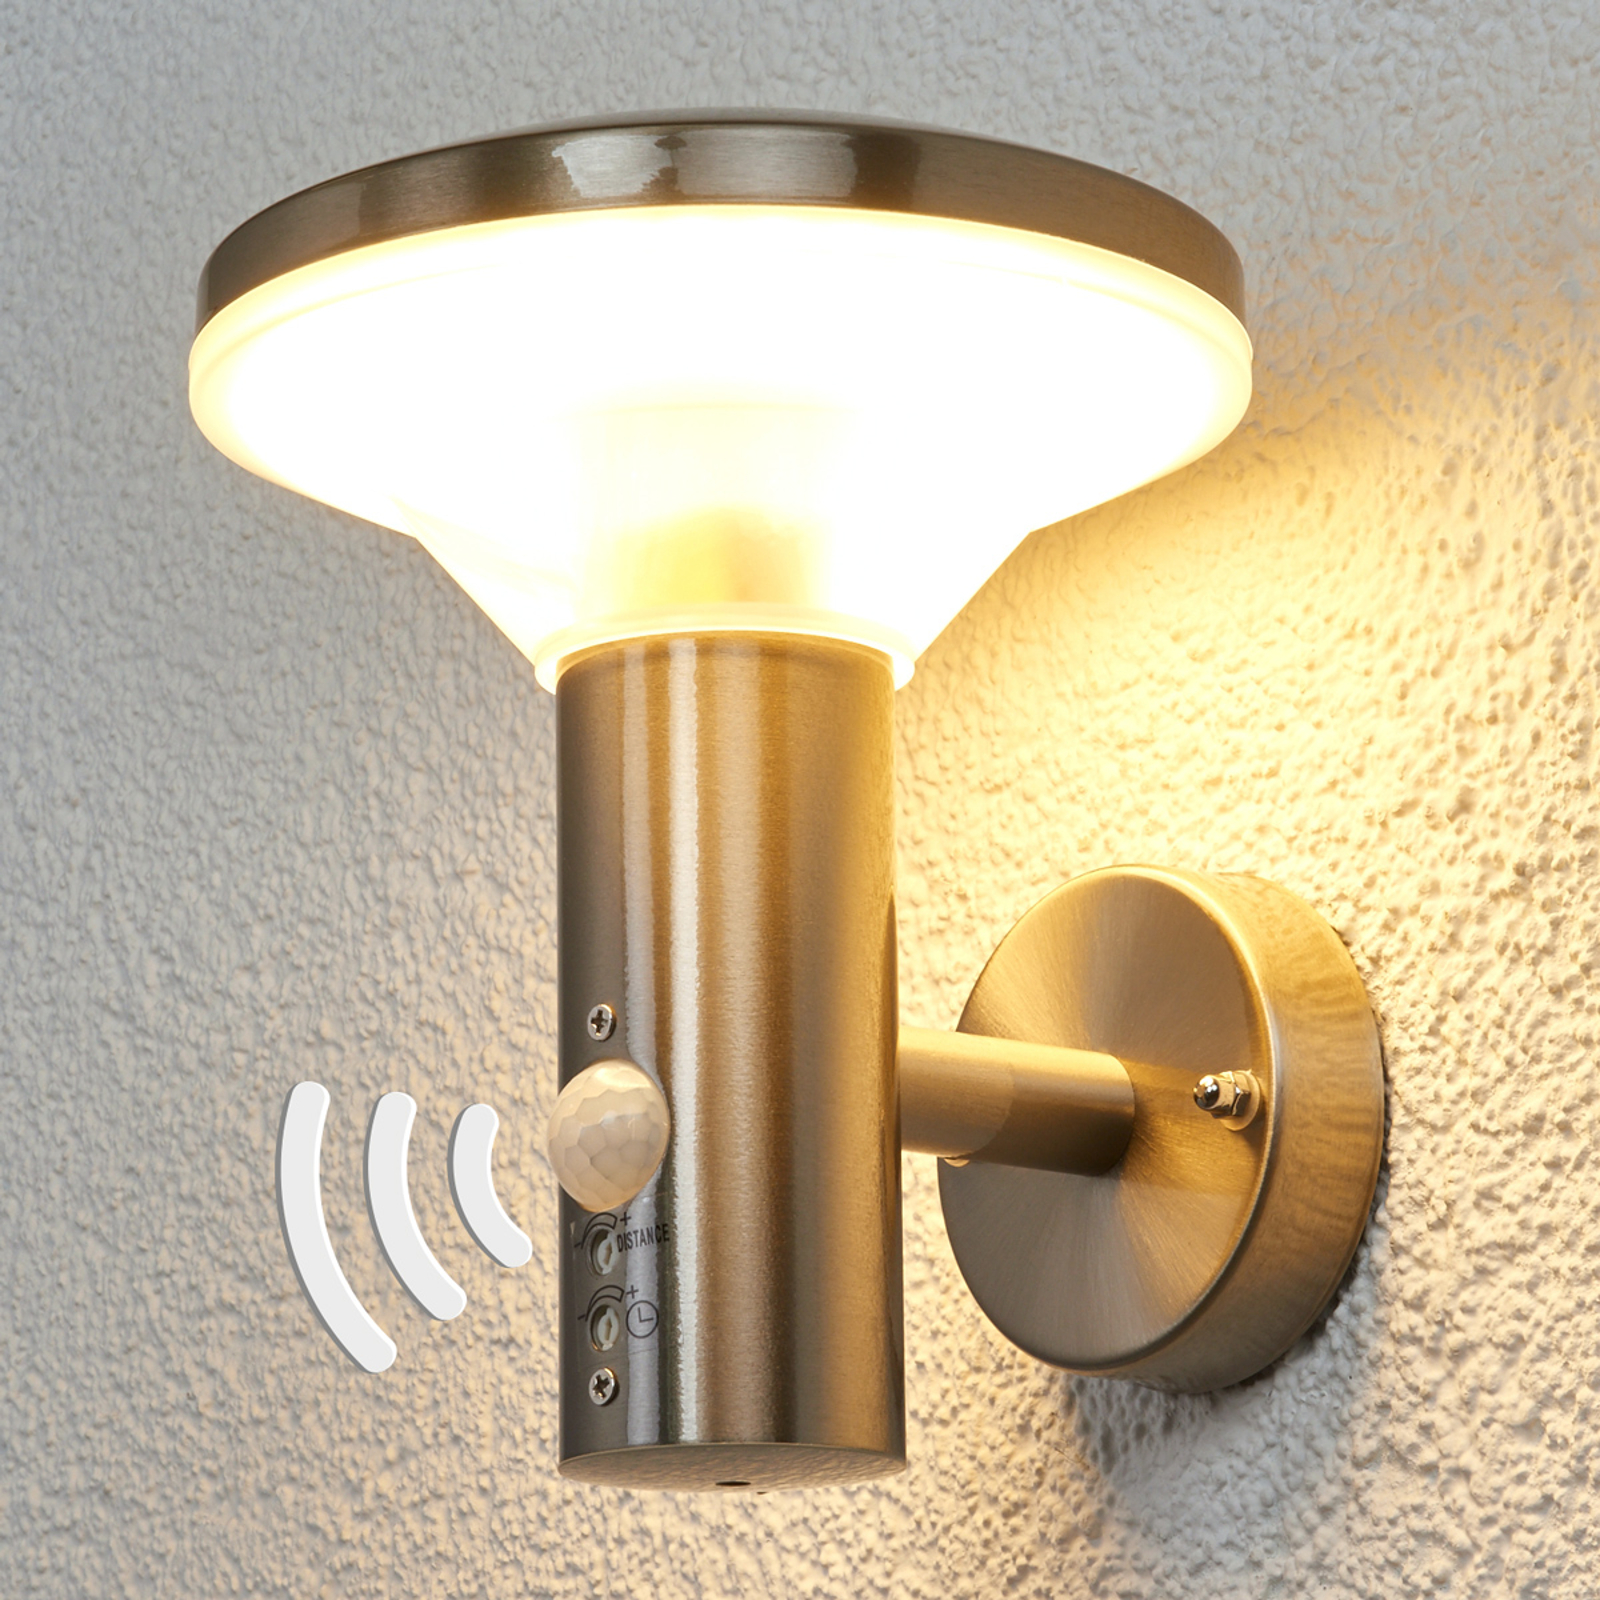 Acquista Jiyan - applique LED da esterni con sensore